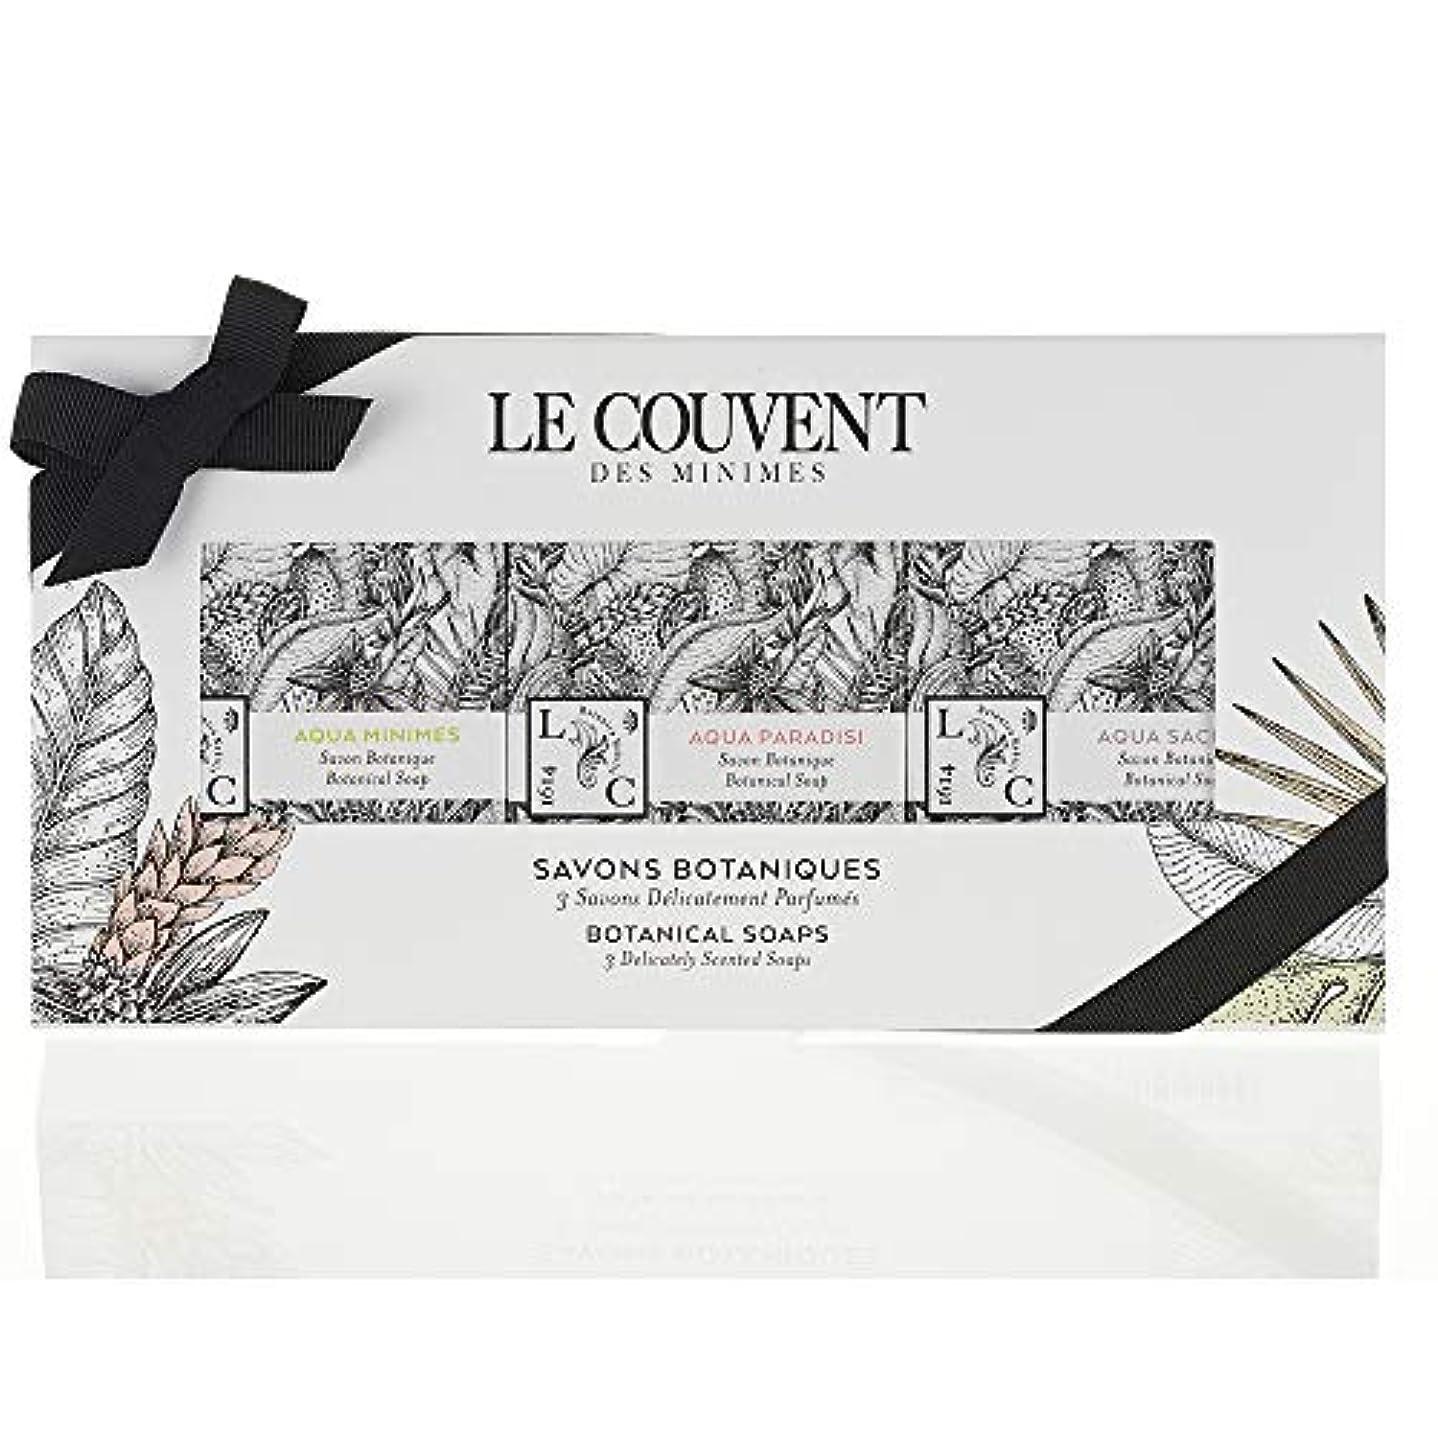 ナット爆発する疫病クヴォン?デ?ミニム(Le Couvent des Minimes) ボタニカル ソープセット 石鹸 アクアミニム ボタニカルソープ、アクアパラディシ ボタニカルソープ、アクアサクラエ ボタニカルソープ各50g